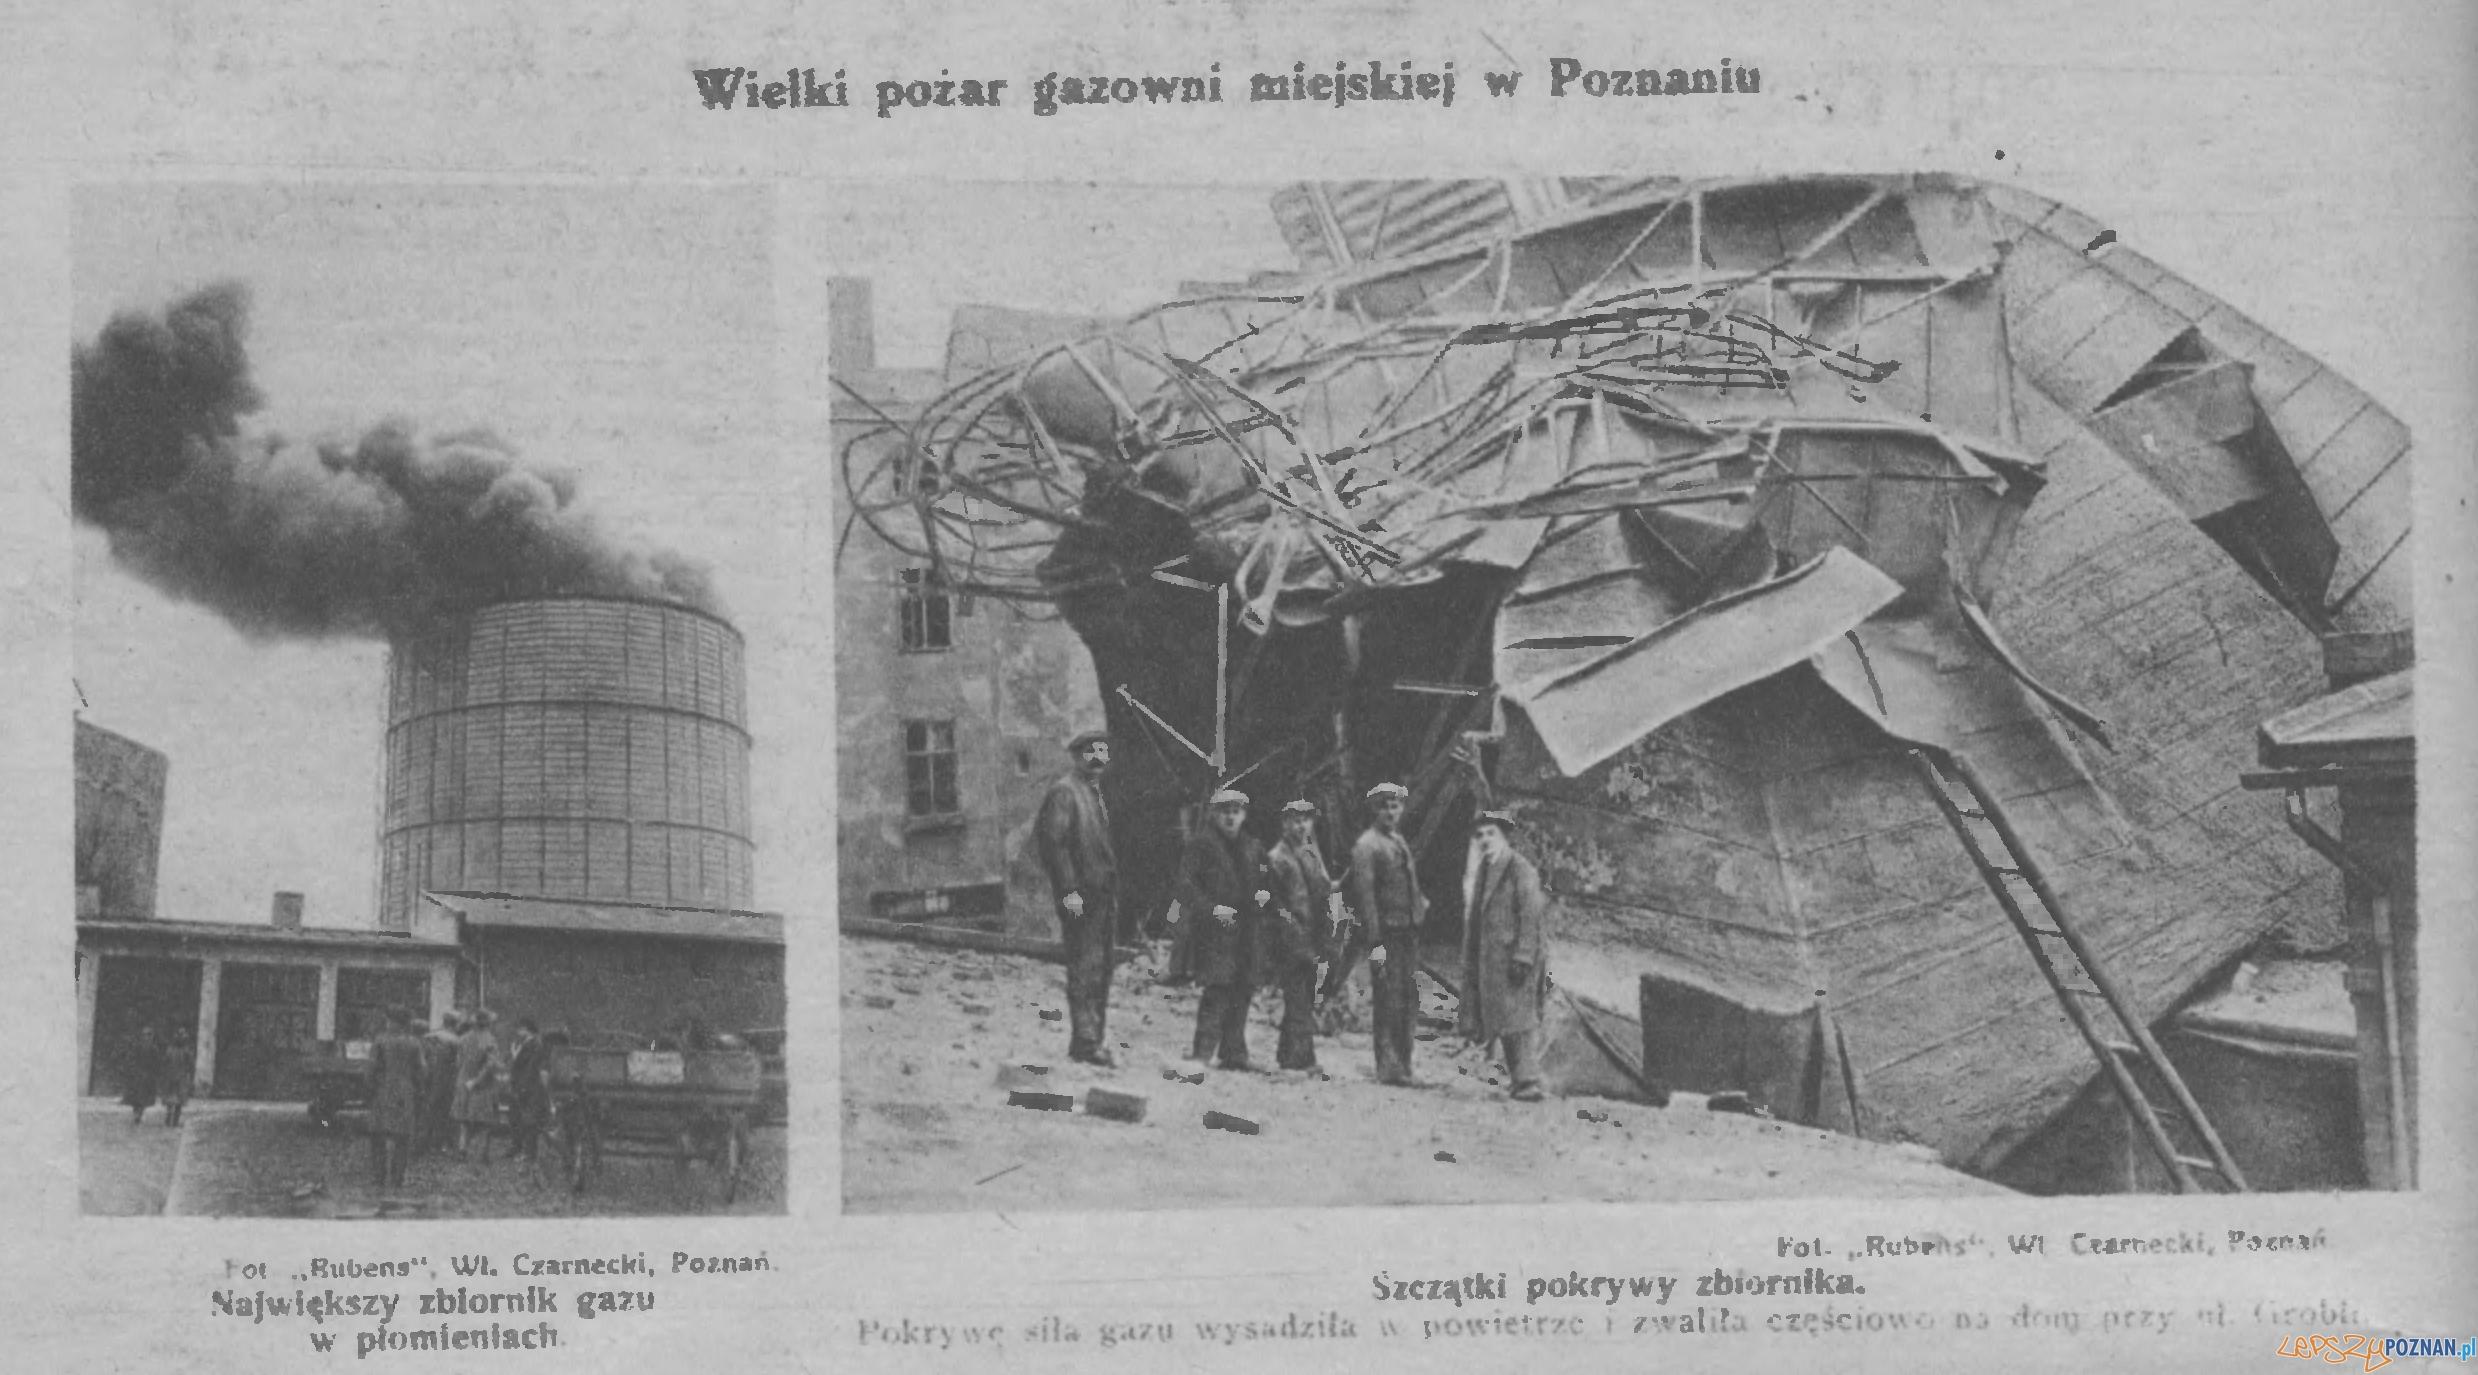 Pożar Gazowni w Poznaniu 1926 za Przewodnikiem Katolickim